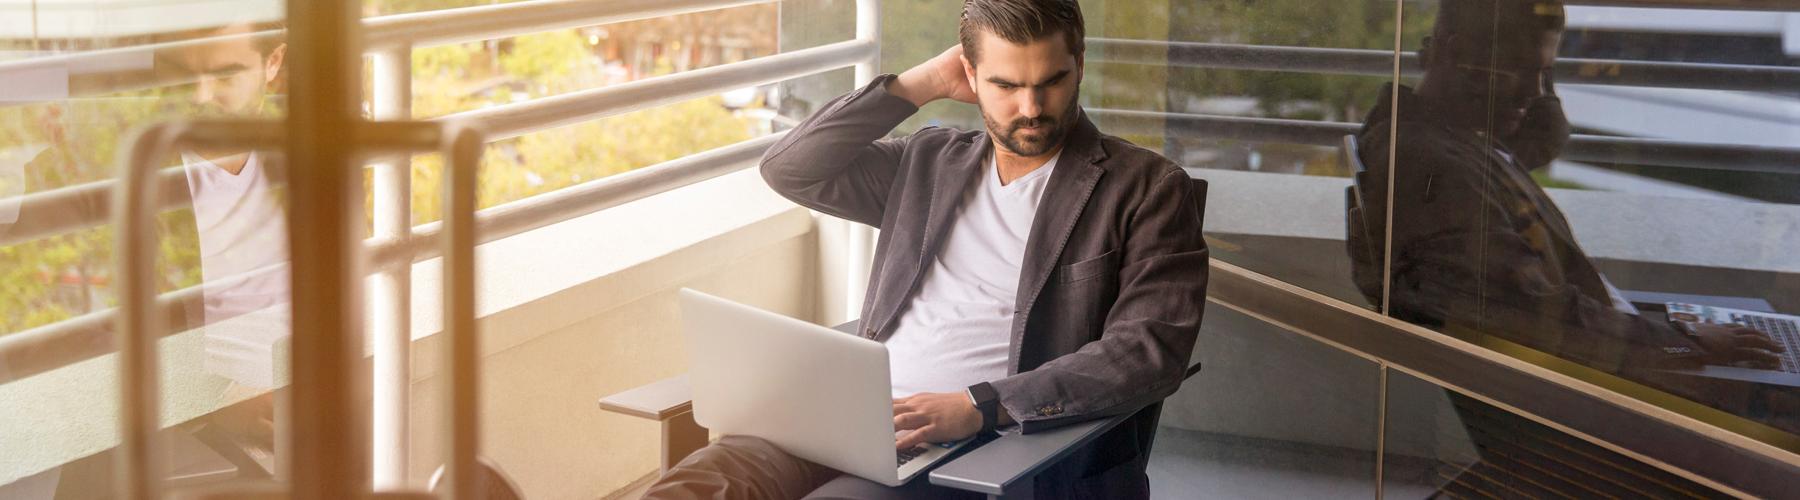 5 consigli di marketing per i piccoli imprenditori